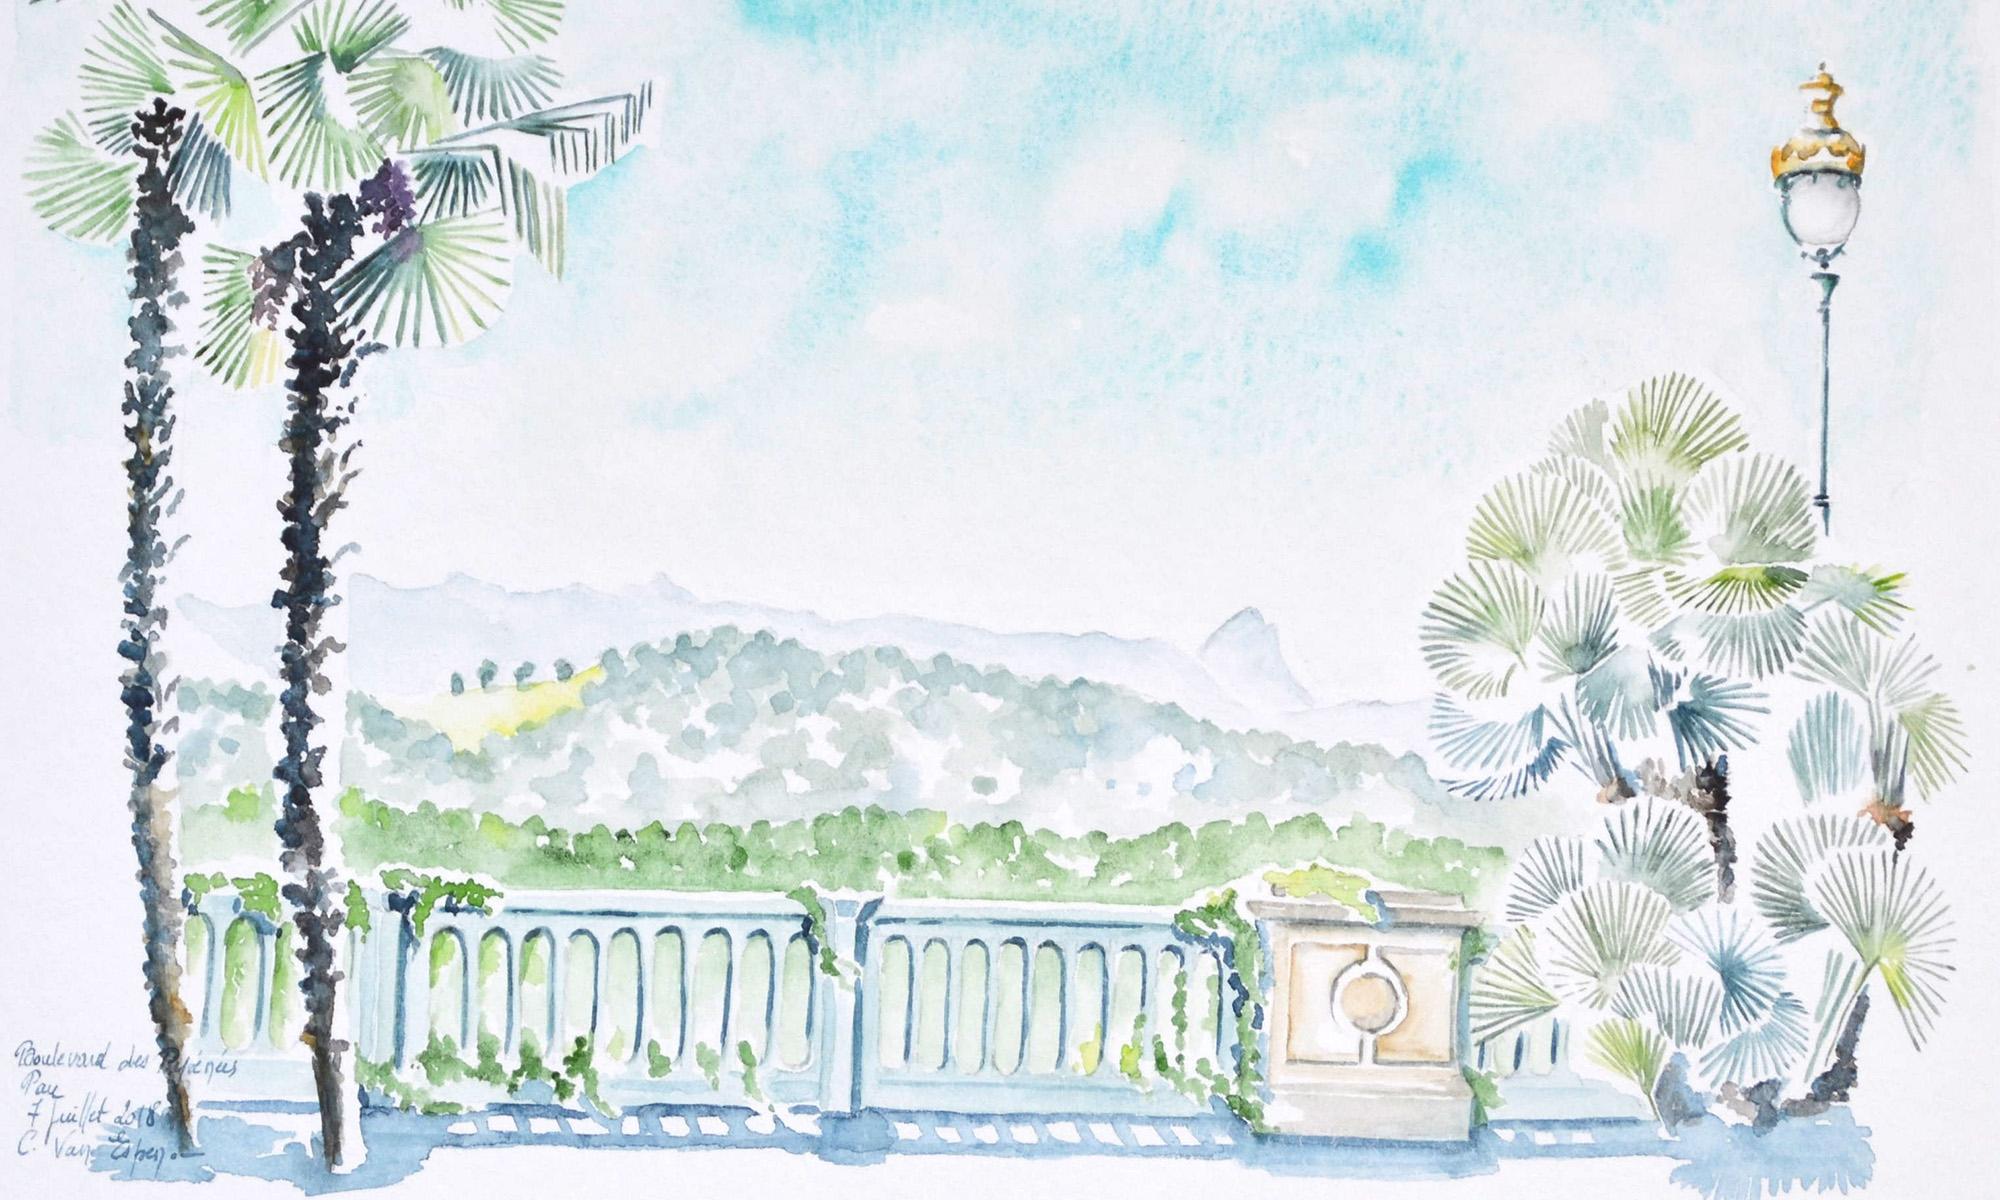 A l'aquarelle, de face une balustrade ajourée. De part et d'autre, le feuillage de palmiers. En second plan le piemont pyrénéen aux tonalités vert. En arrière plan, la chaine des Pyrénées avec le pic du midi d'Ossau sur le droite. Le ciel est progressivement bleu sur la hauteur